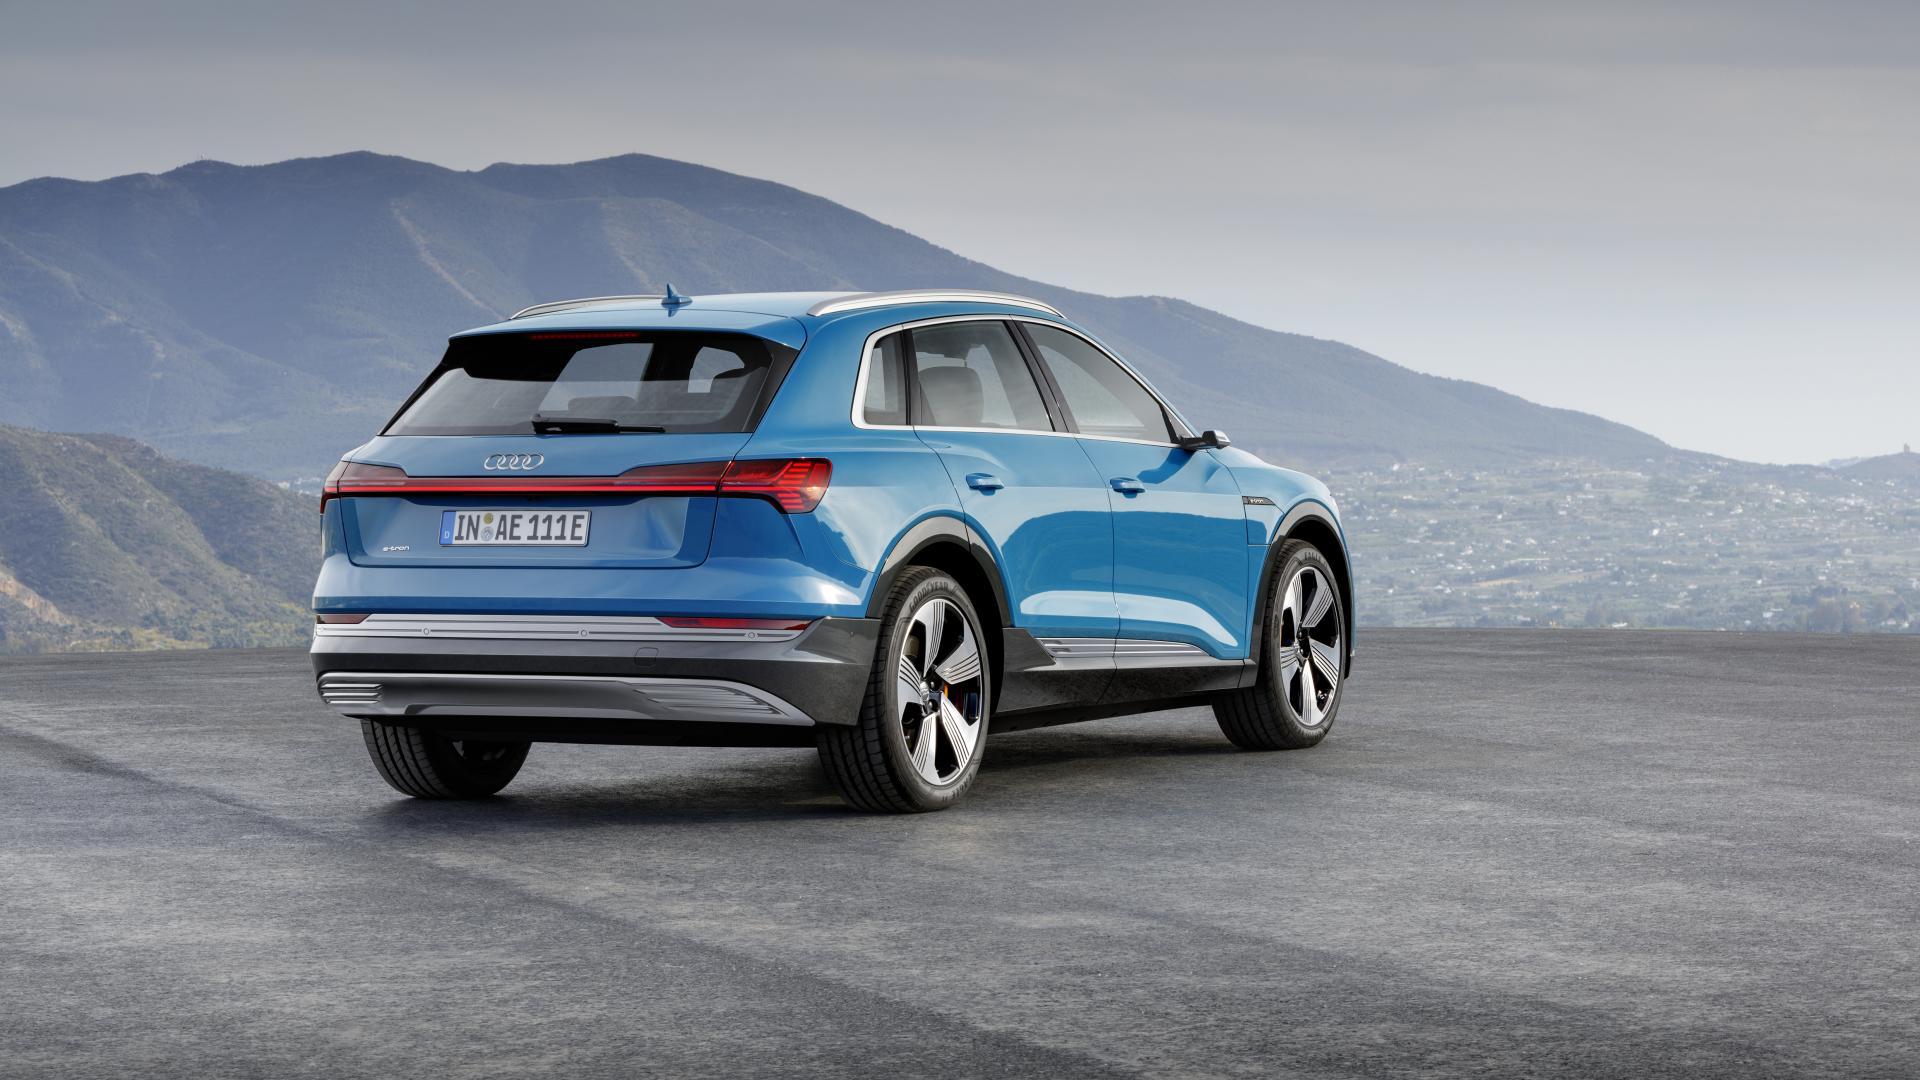 Audi Suv Lease